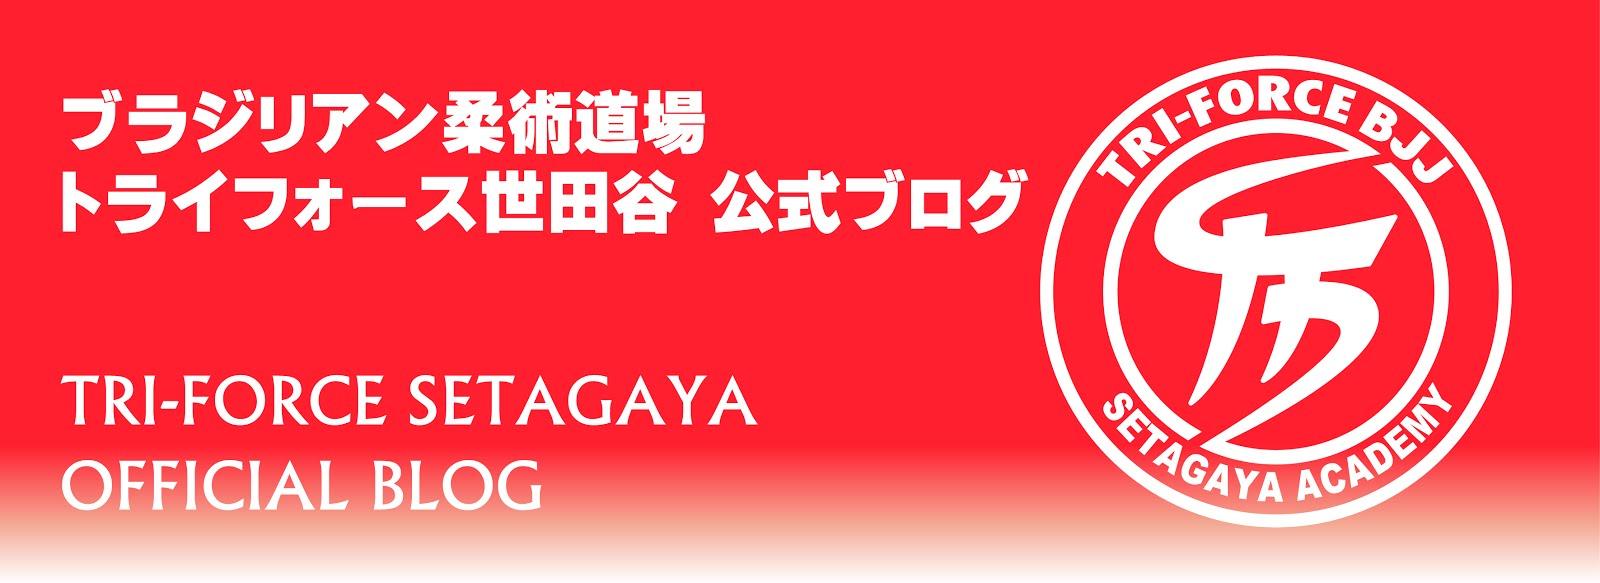 トライフォース世田谷 Tri-Force BJJ Setagaya